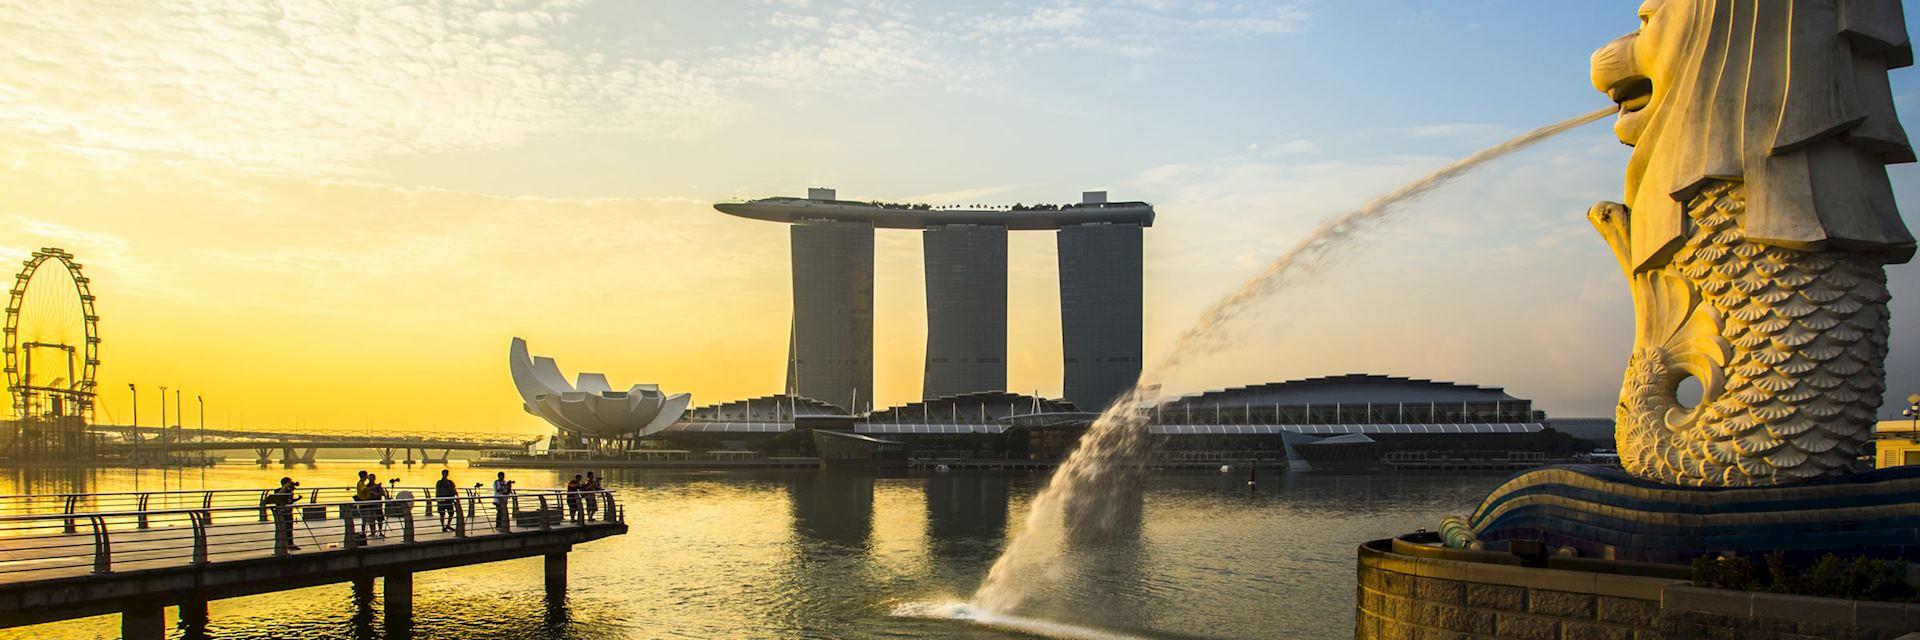 Merlion at sunrise, Singapore